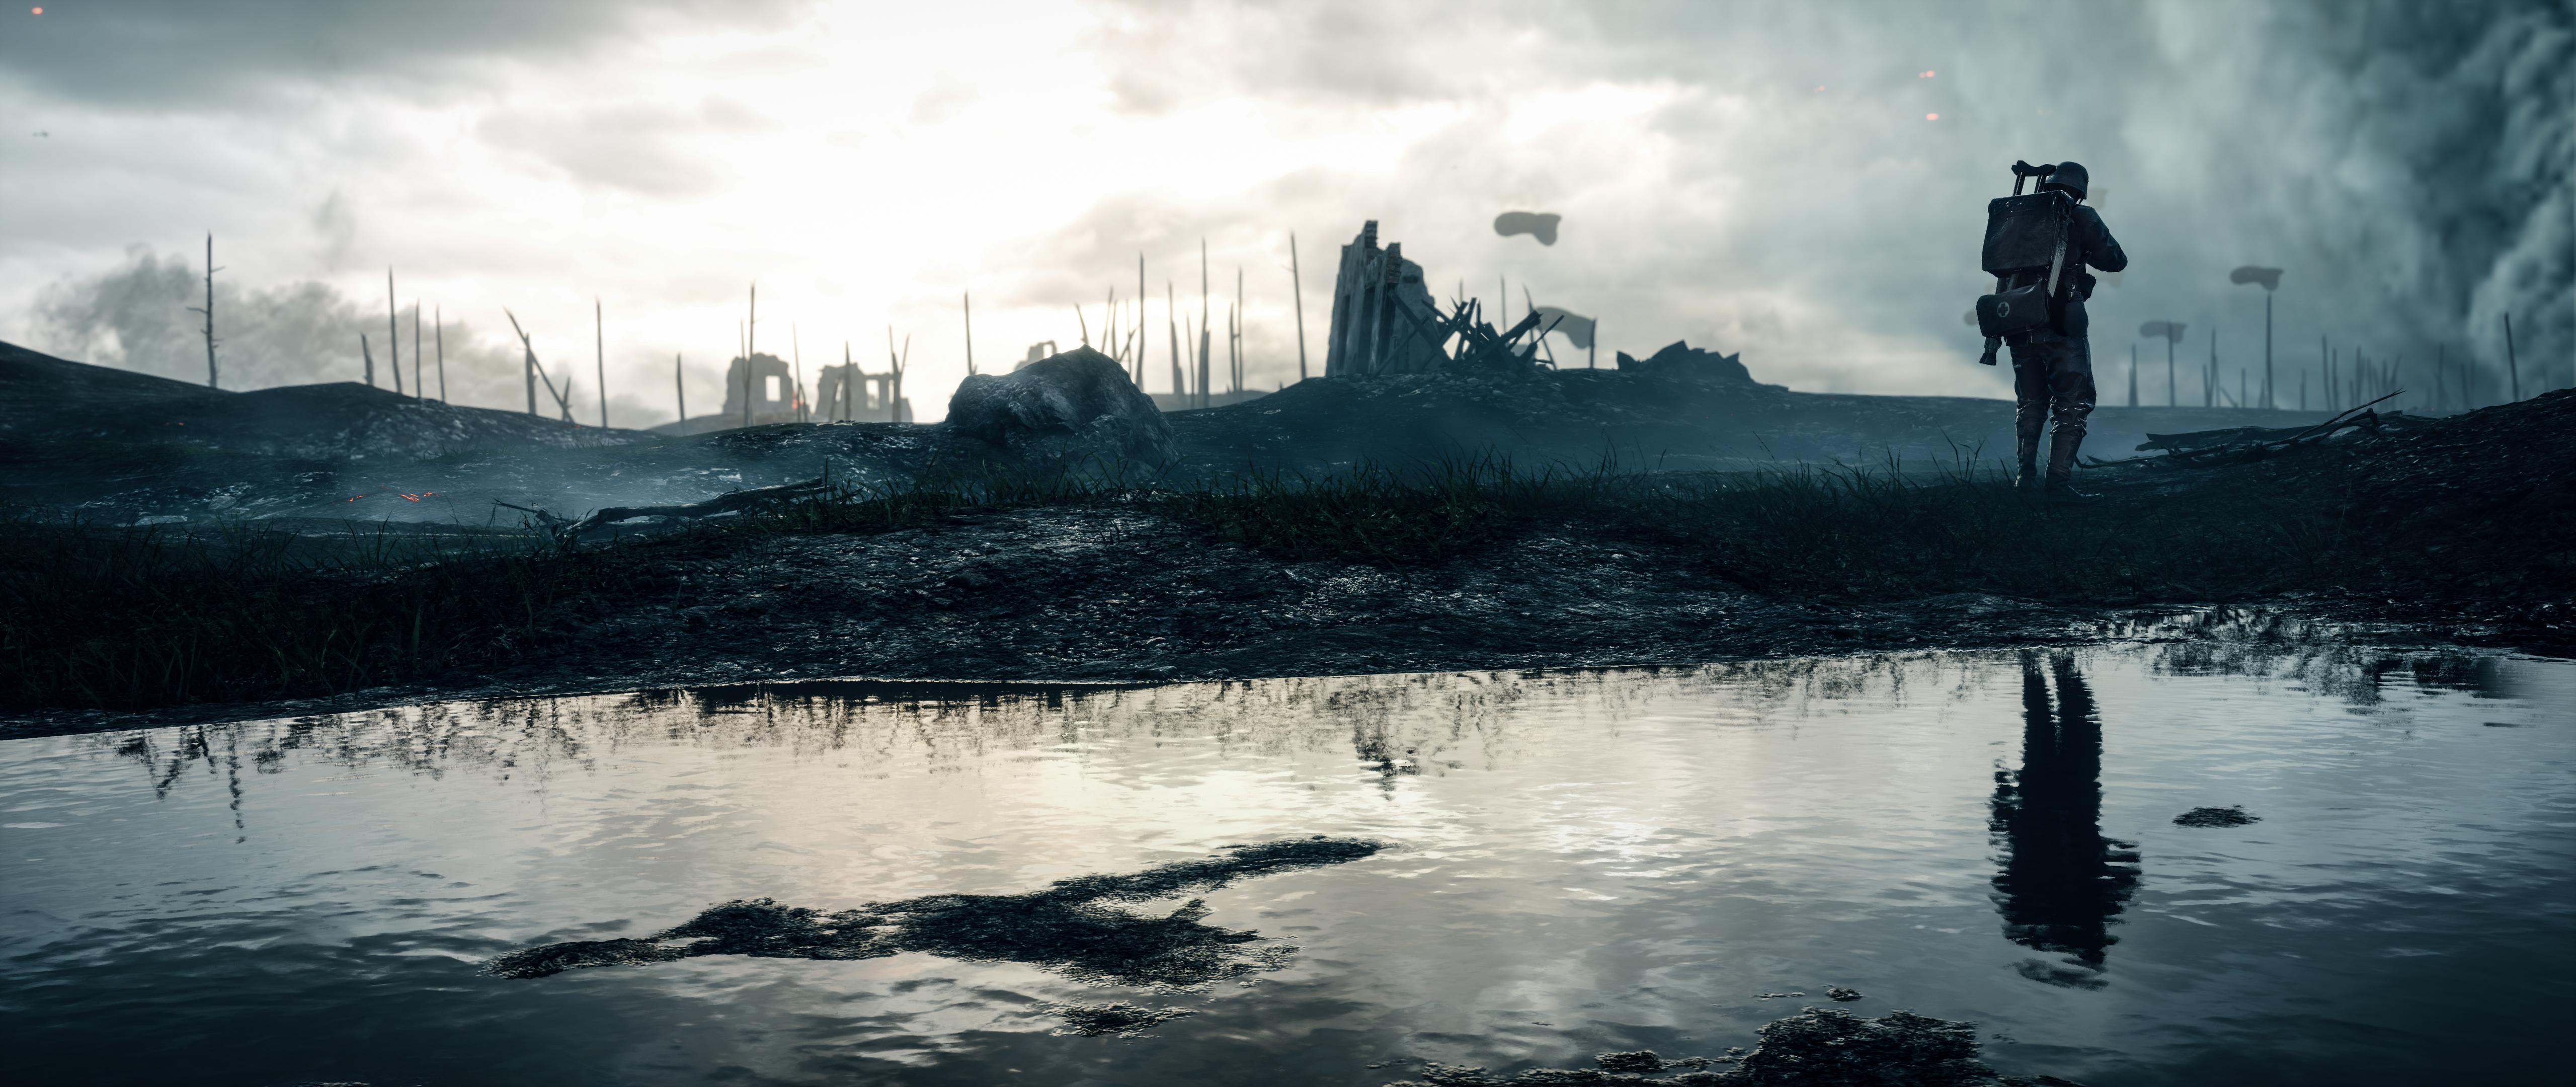 Battlefield 1 War Video Game Hd Wallpaper: Battlefield 1 4k Ultra HD Wallpaper